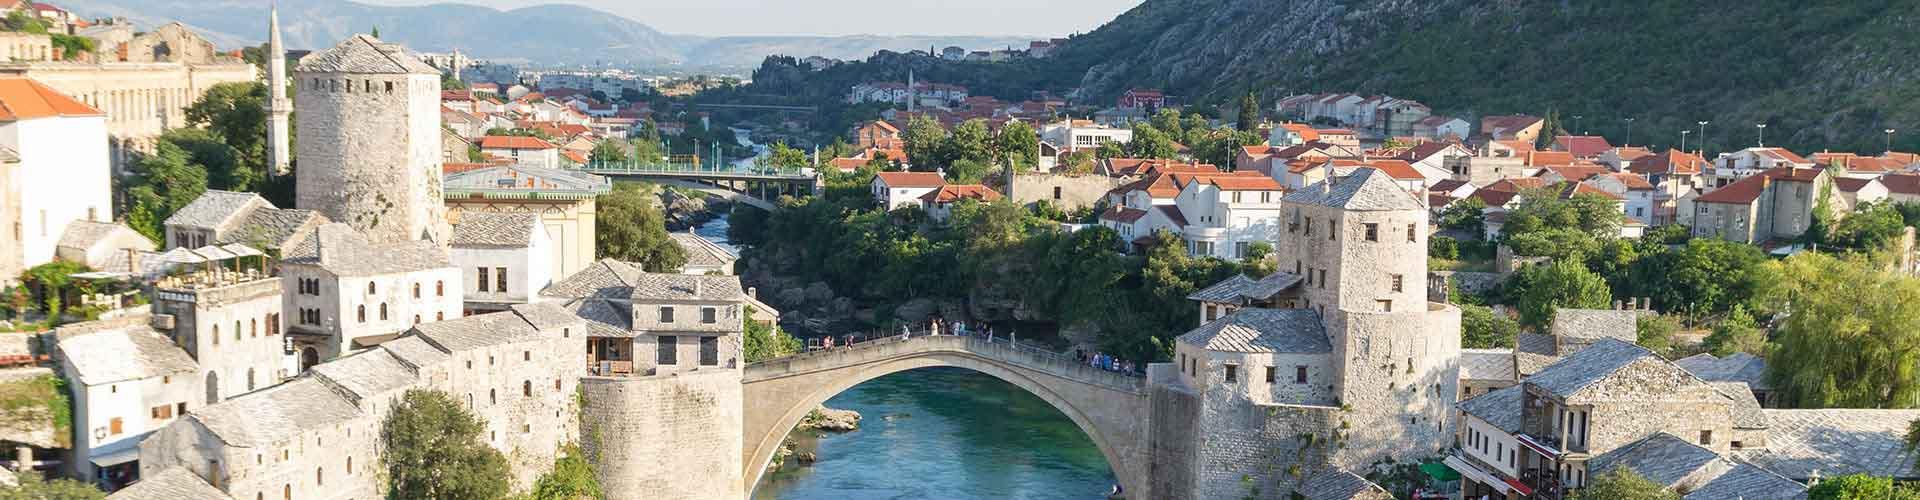 Mostar - Hoteles baratos en Mostar. Mapas de Mostar, Fotos y comentarios de cada Hotel en Mostar.